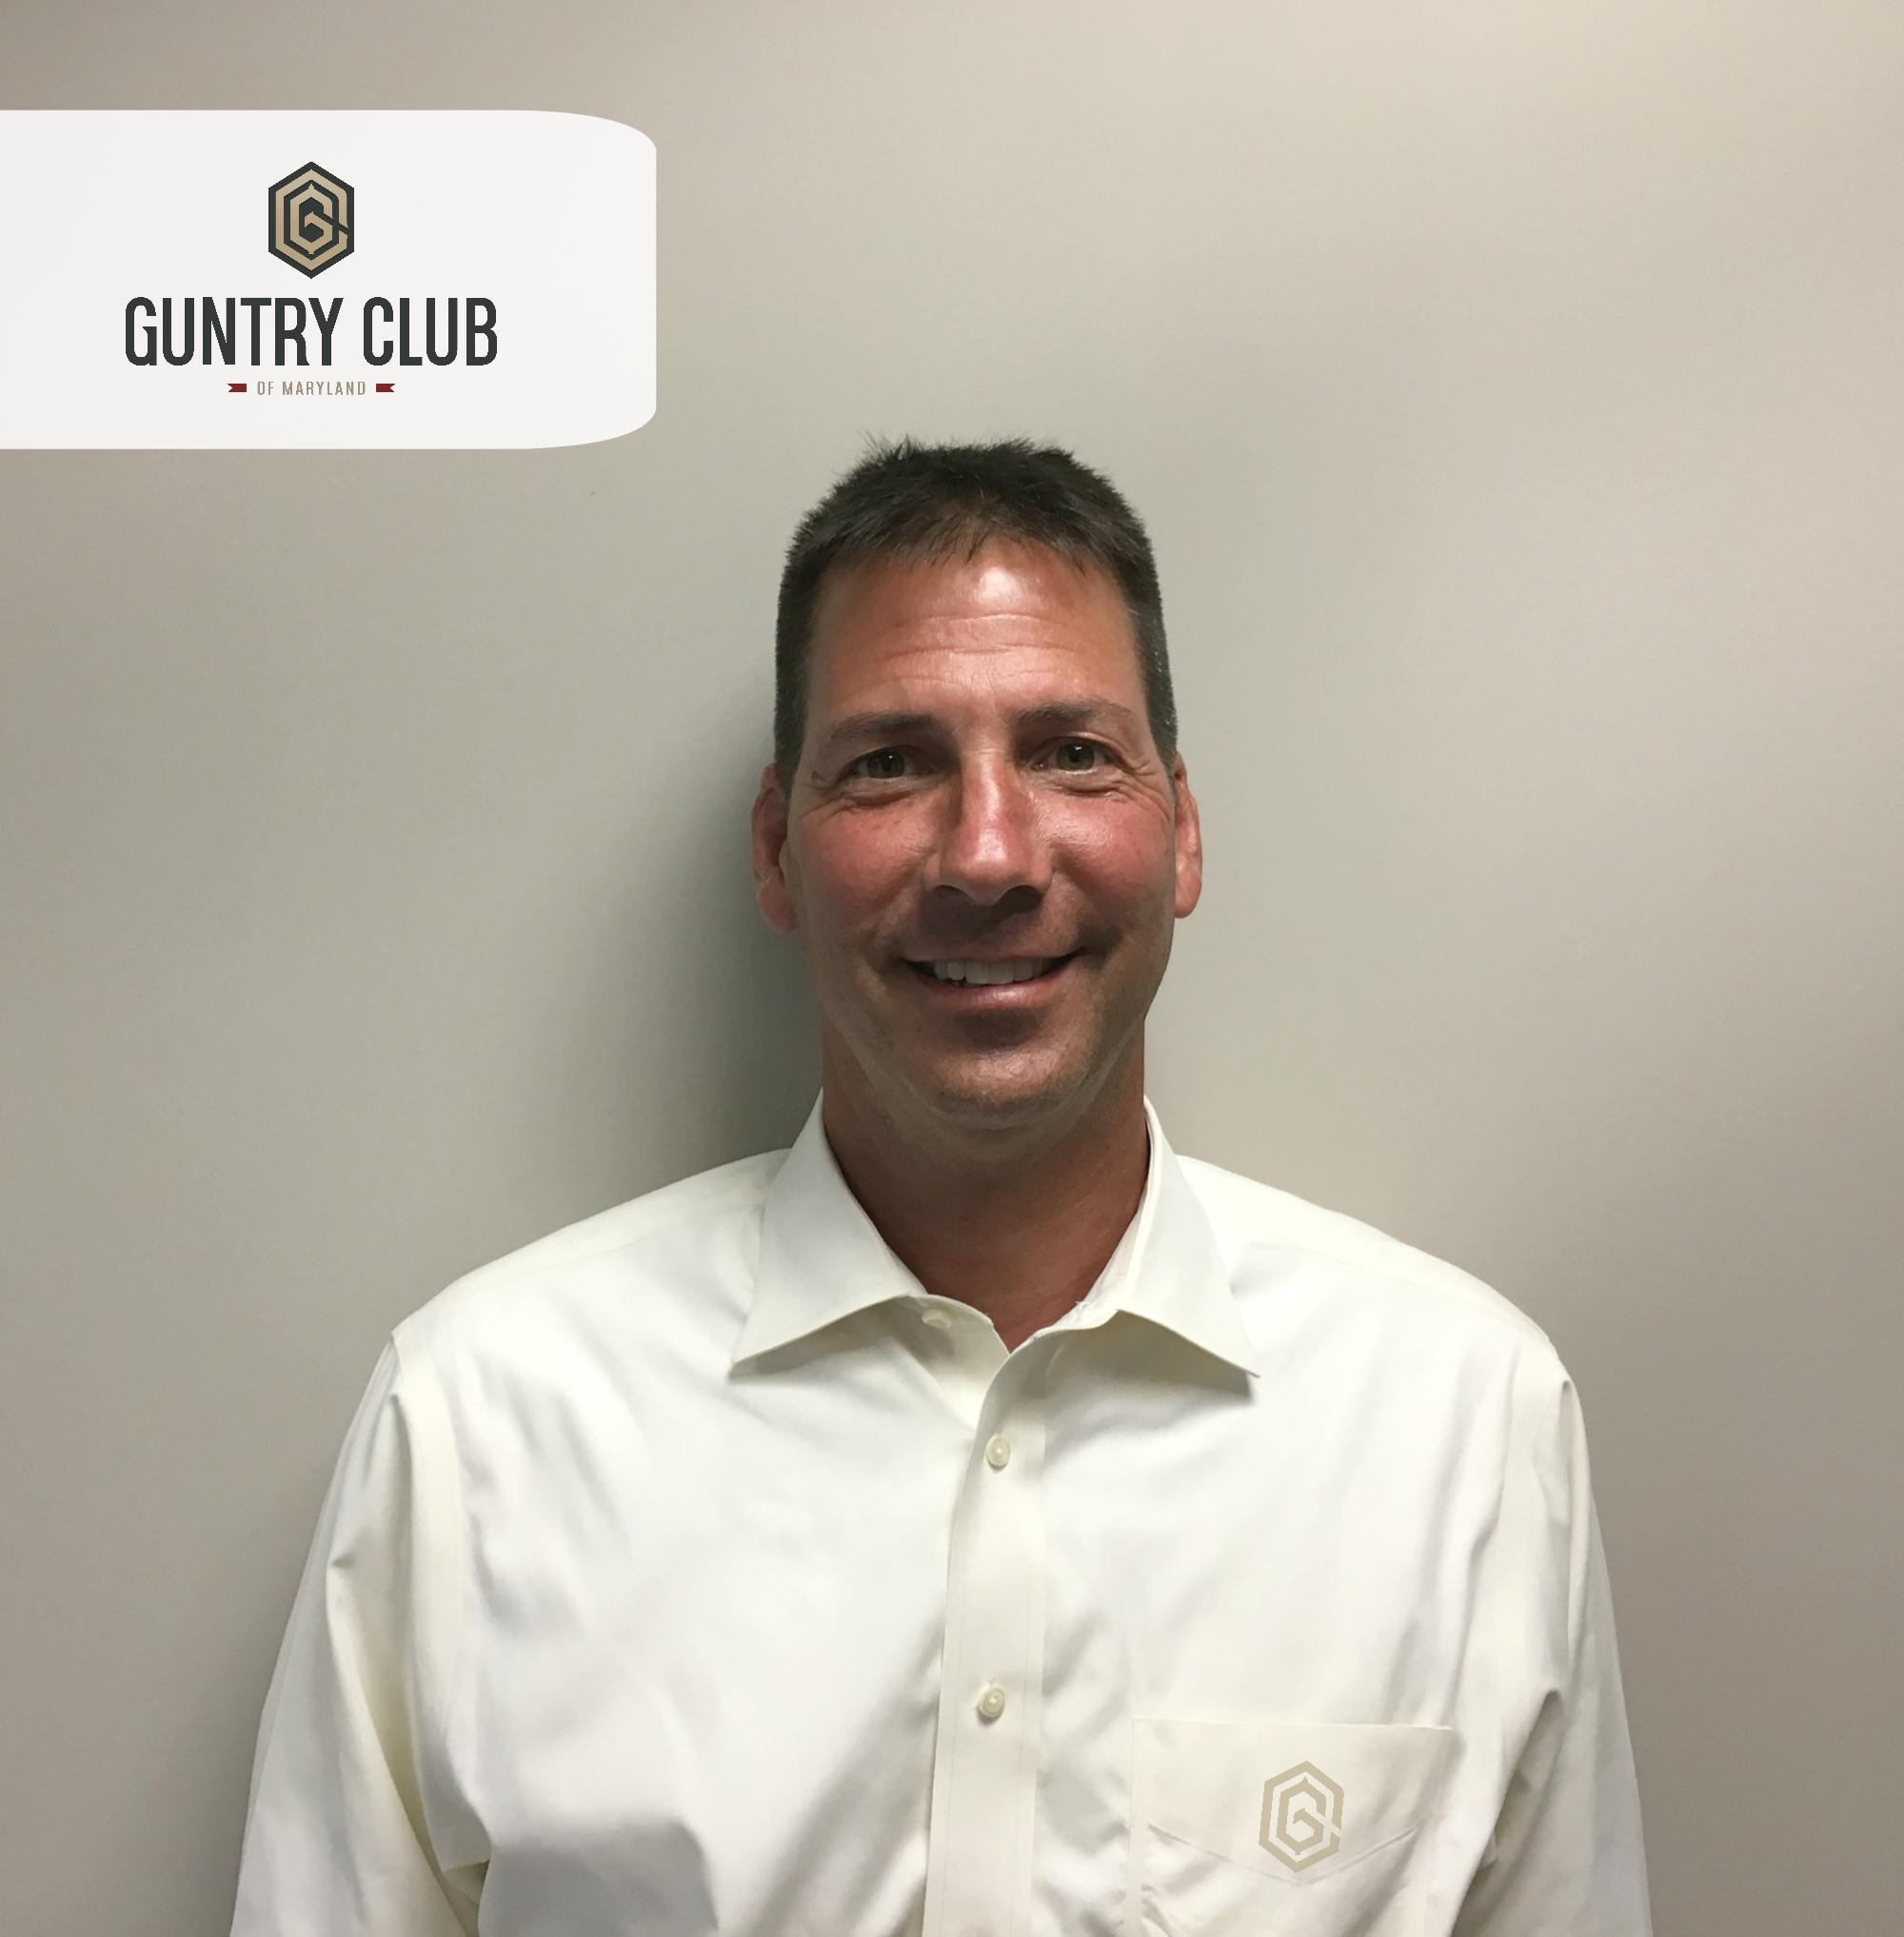 Brian Wolf Guntry Club.jpg